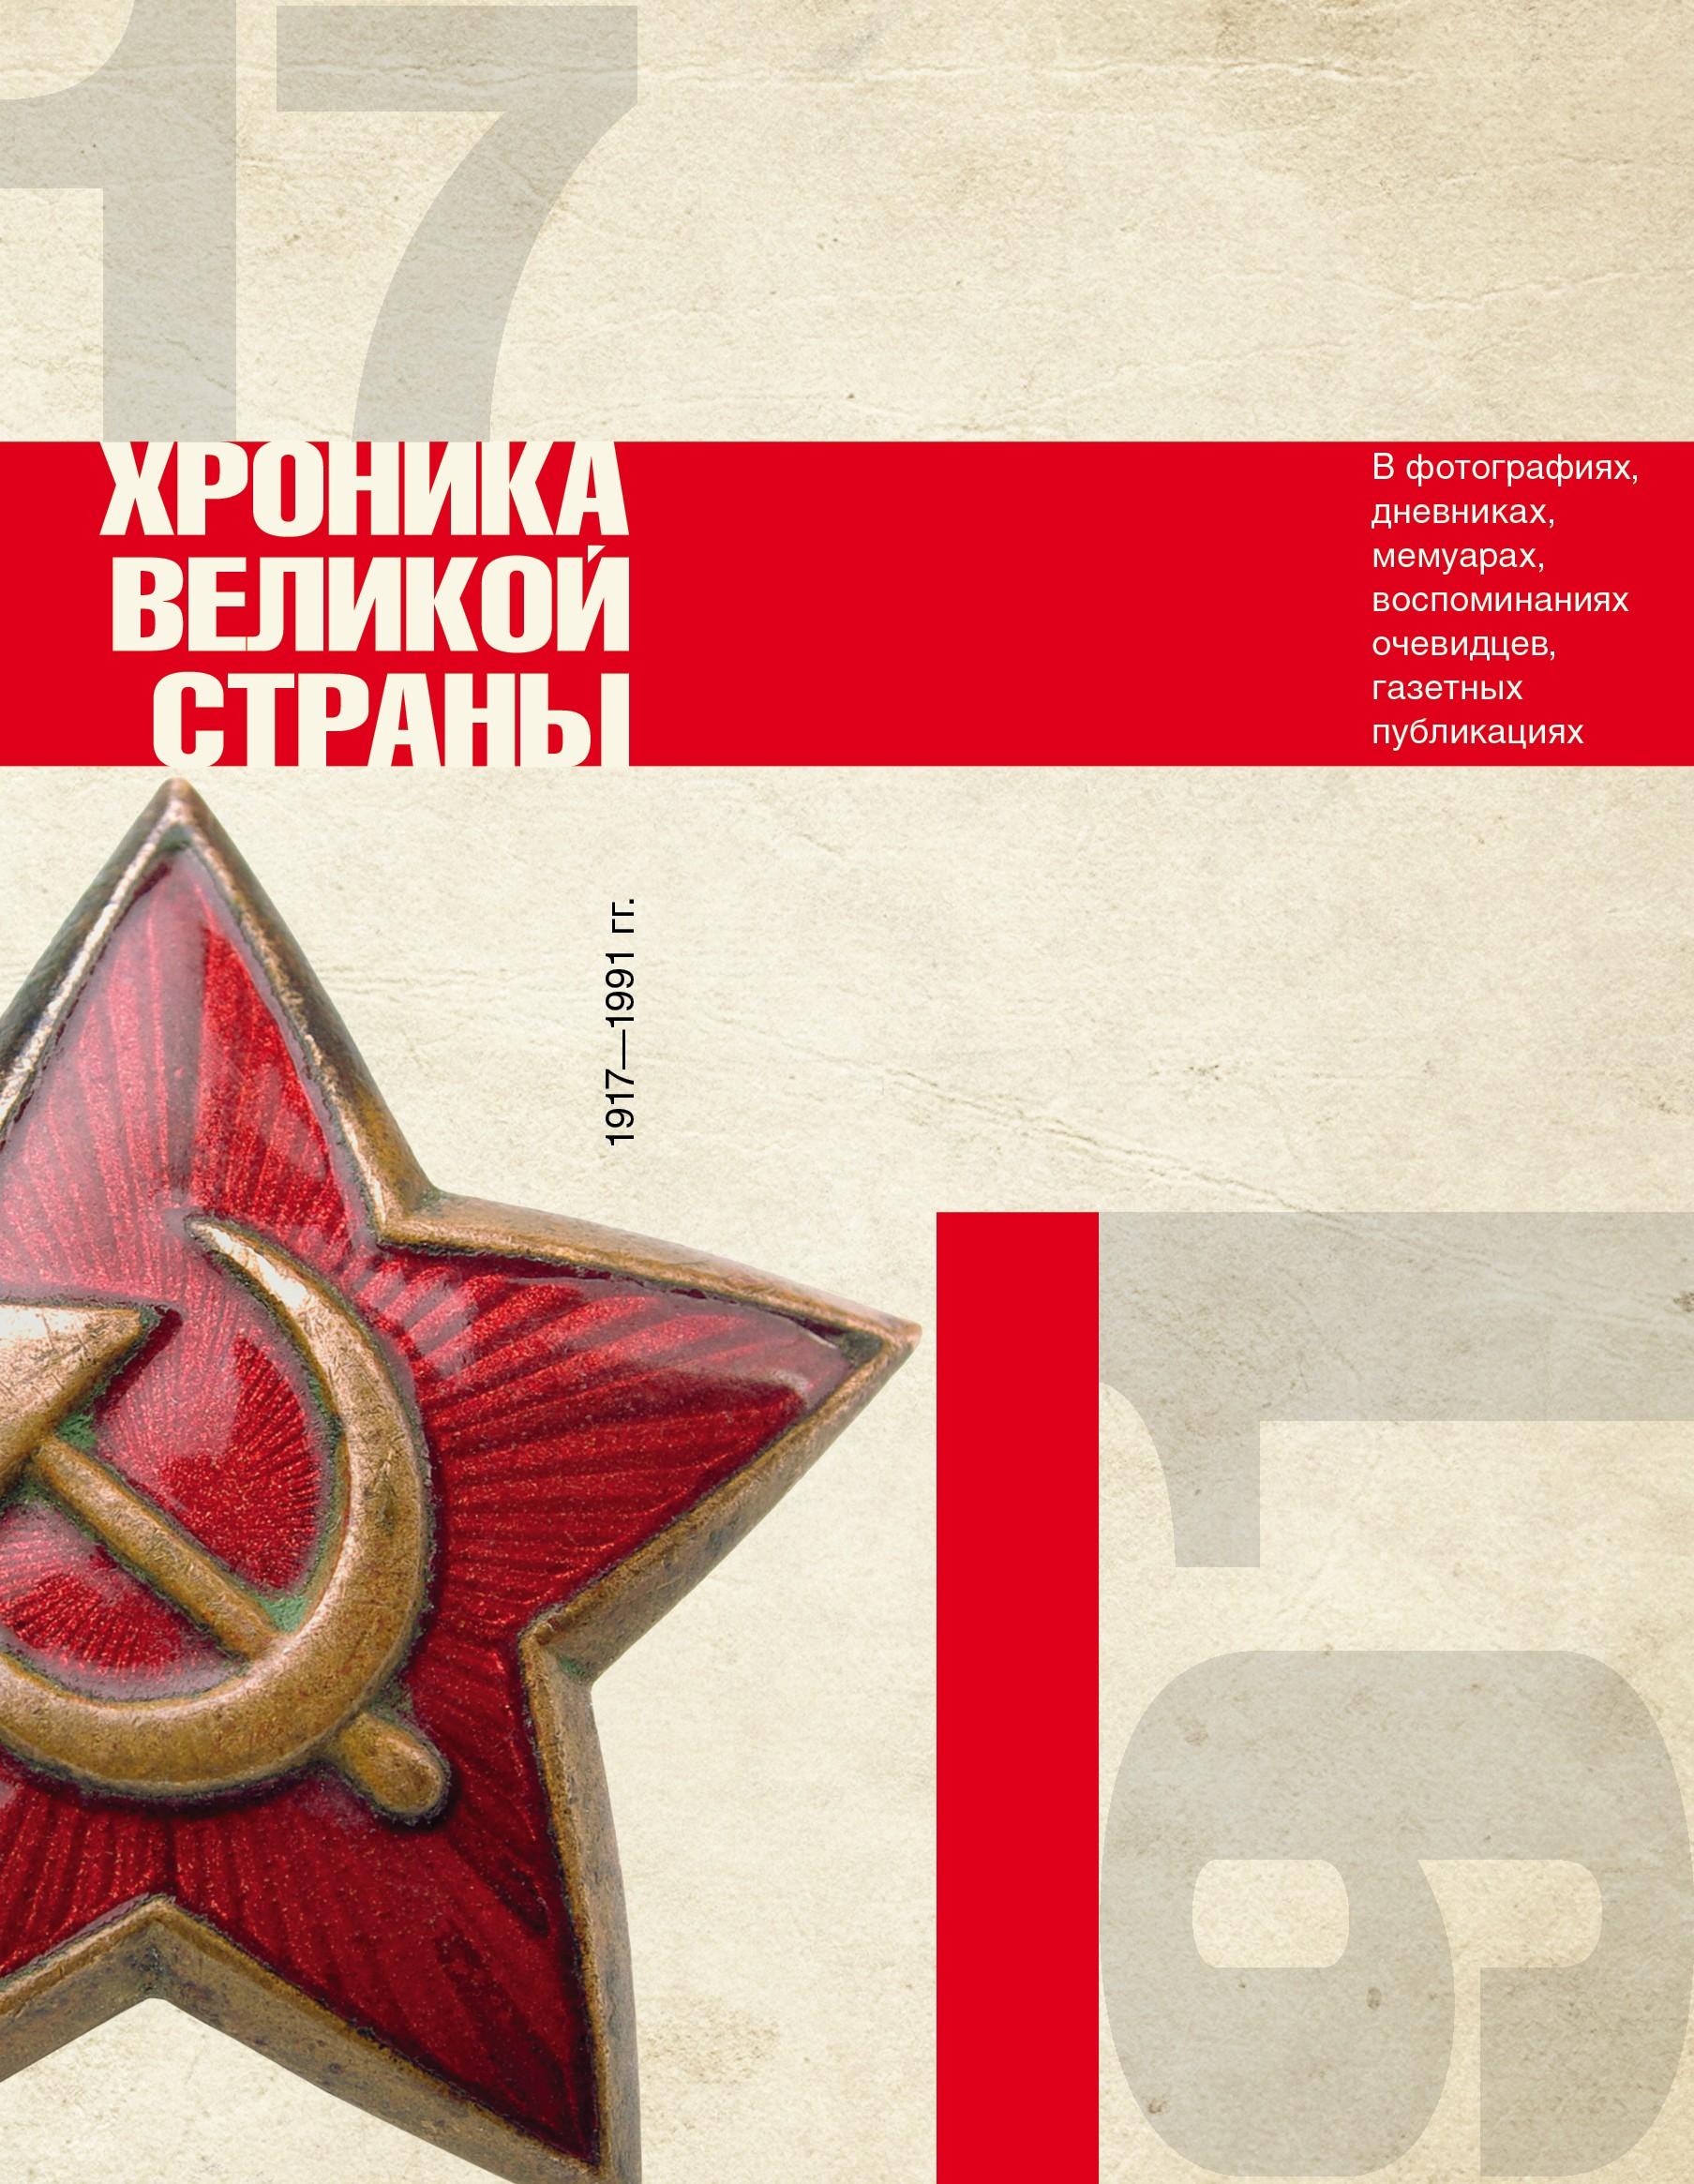 Ссср - история советского союза в деталях